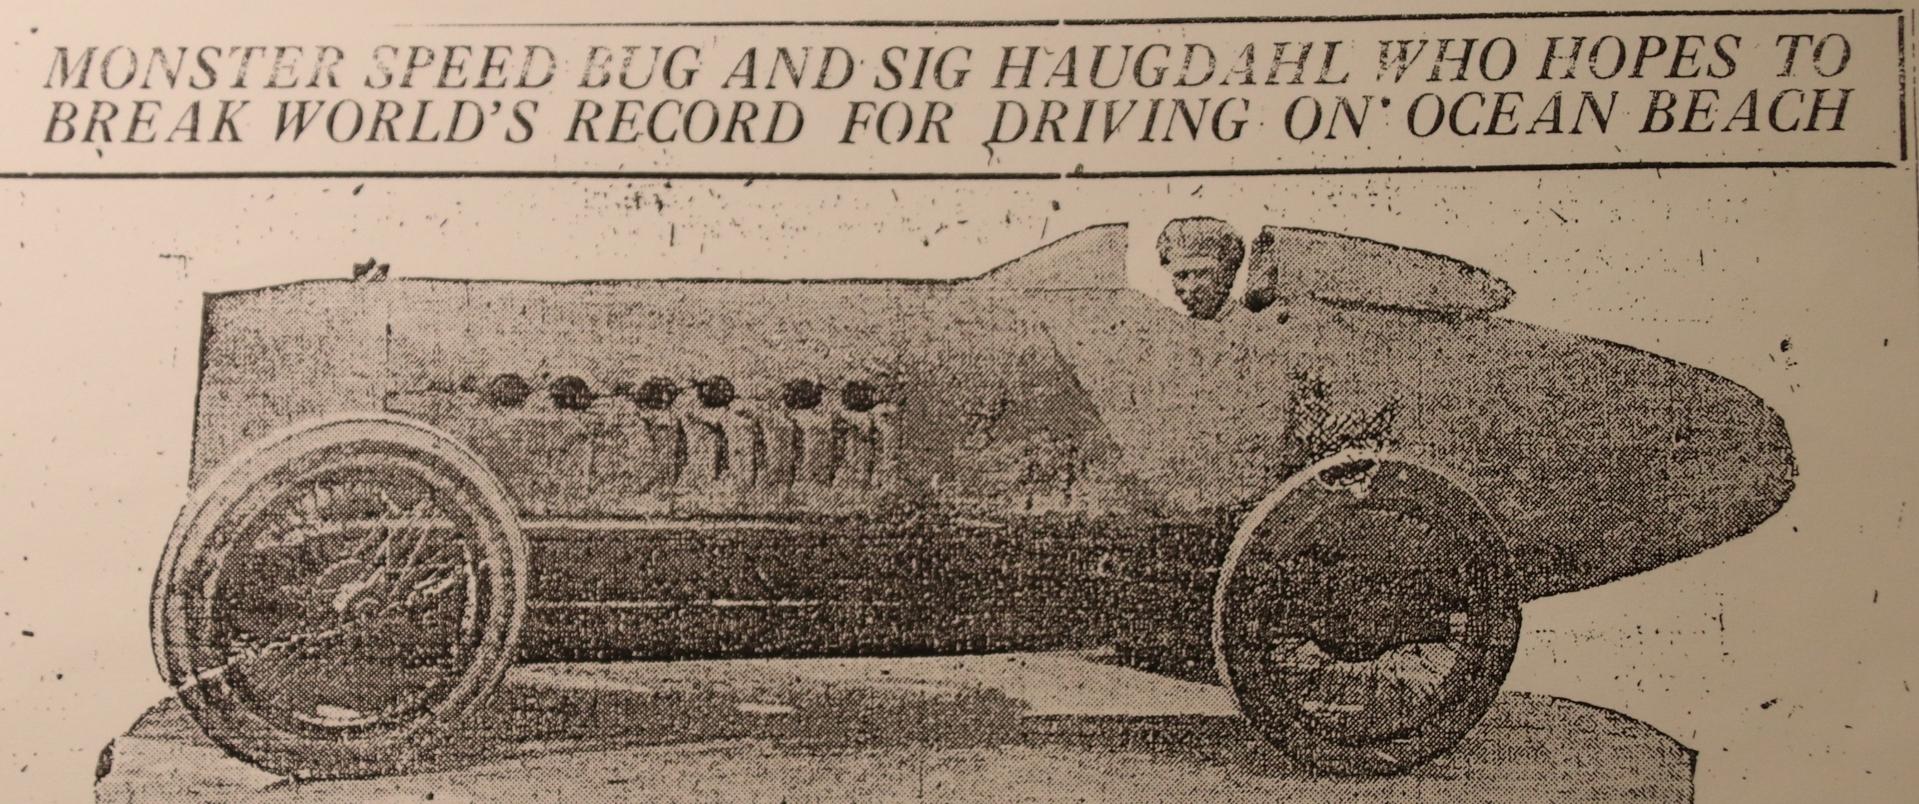 1921 1922 Wisconsin Spesial Jacksonville og Dayton